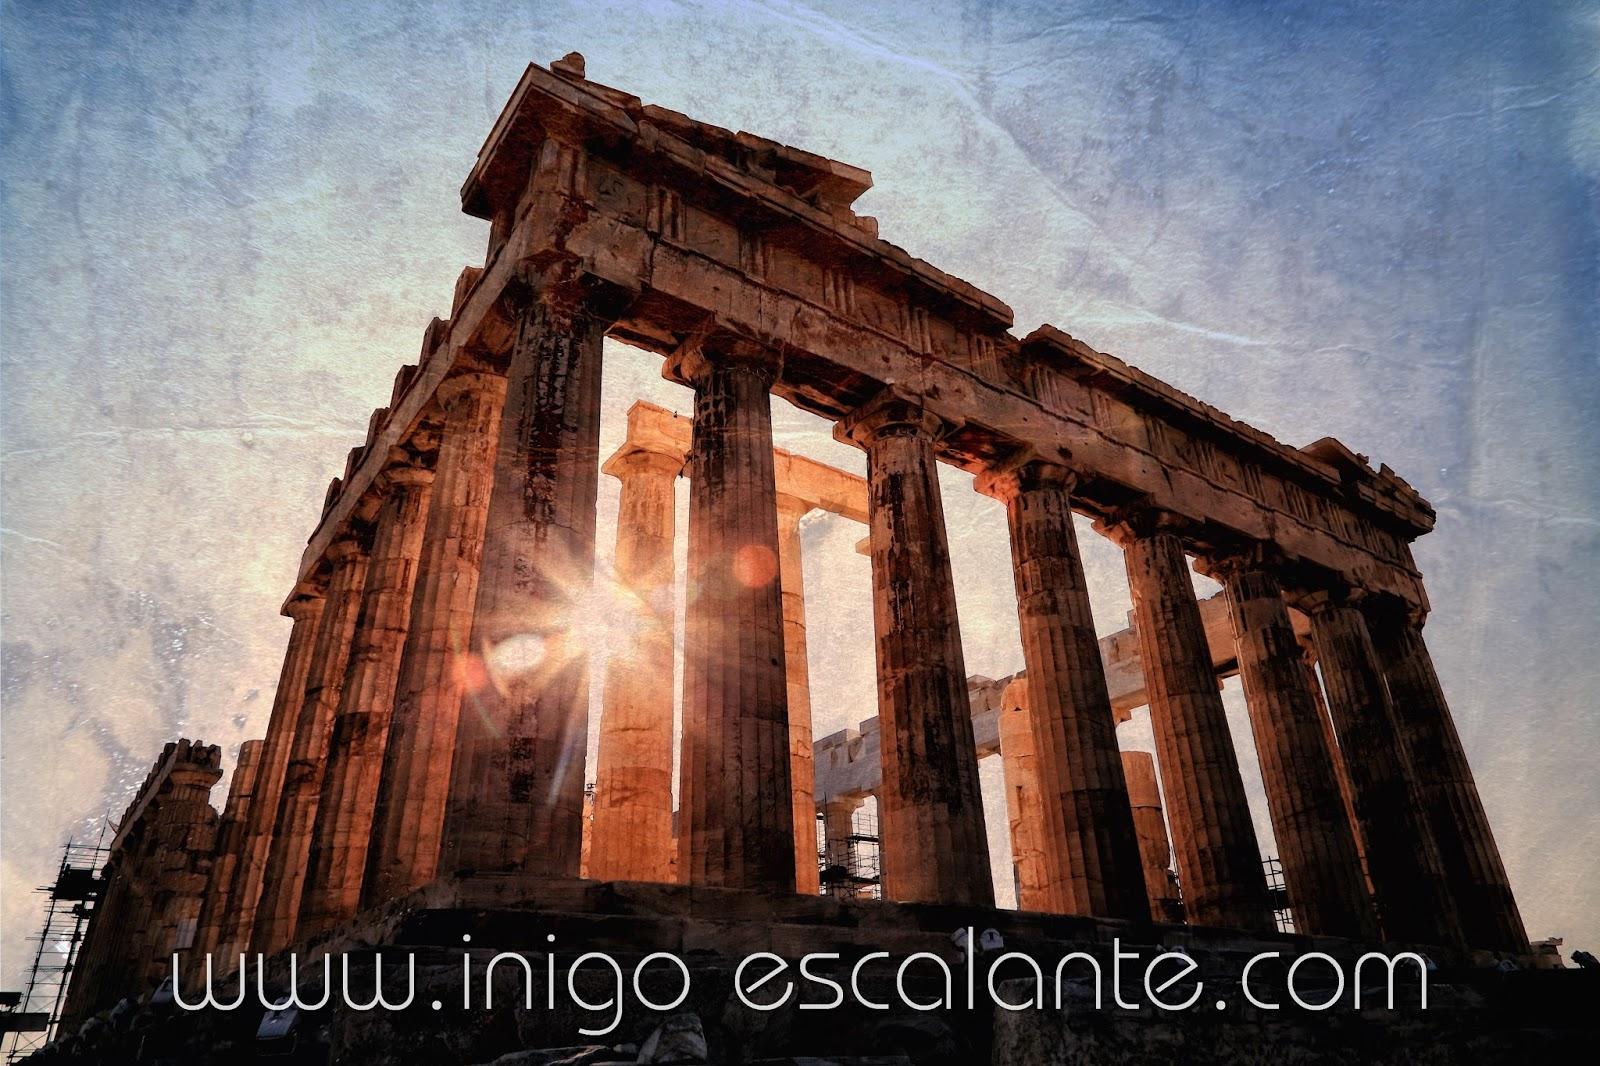 Circuito Grecia : Blog sobre fotografía y viajes del fotógrafo iñigo escalante: diario